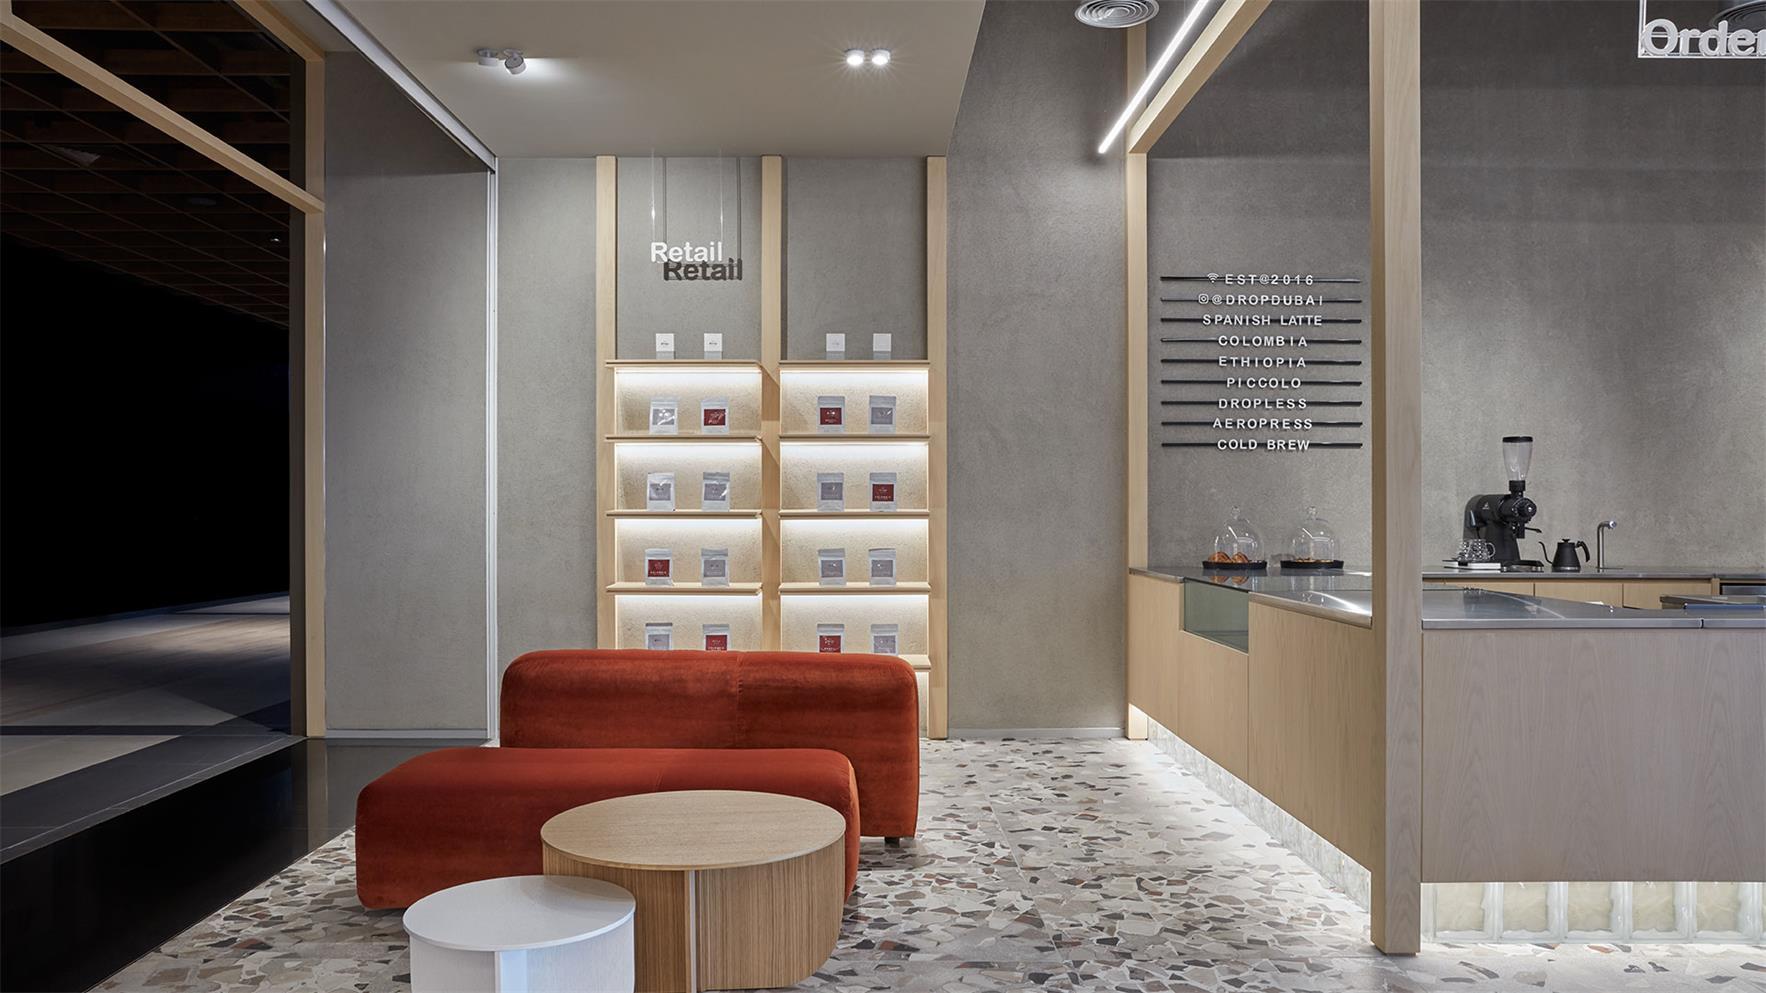 咖啡厅展示墙设计